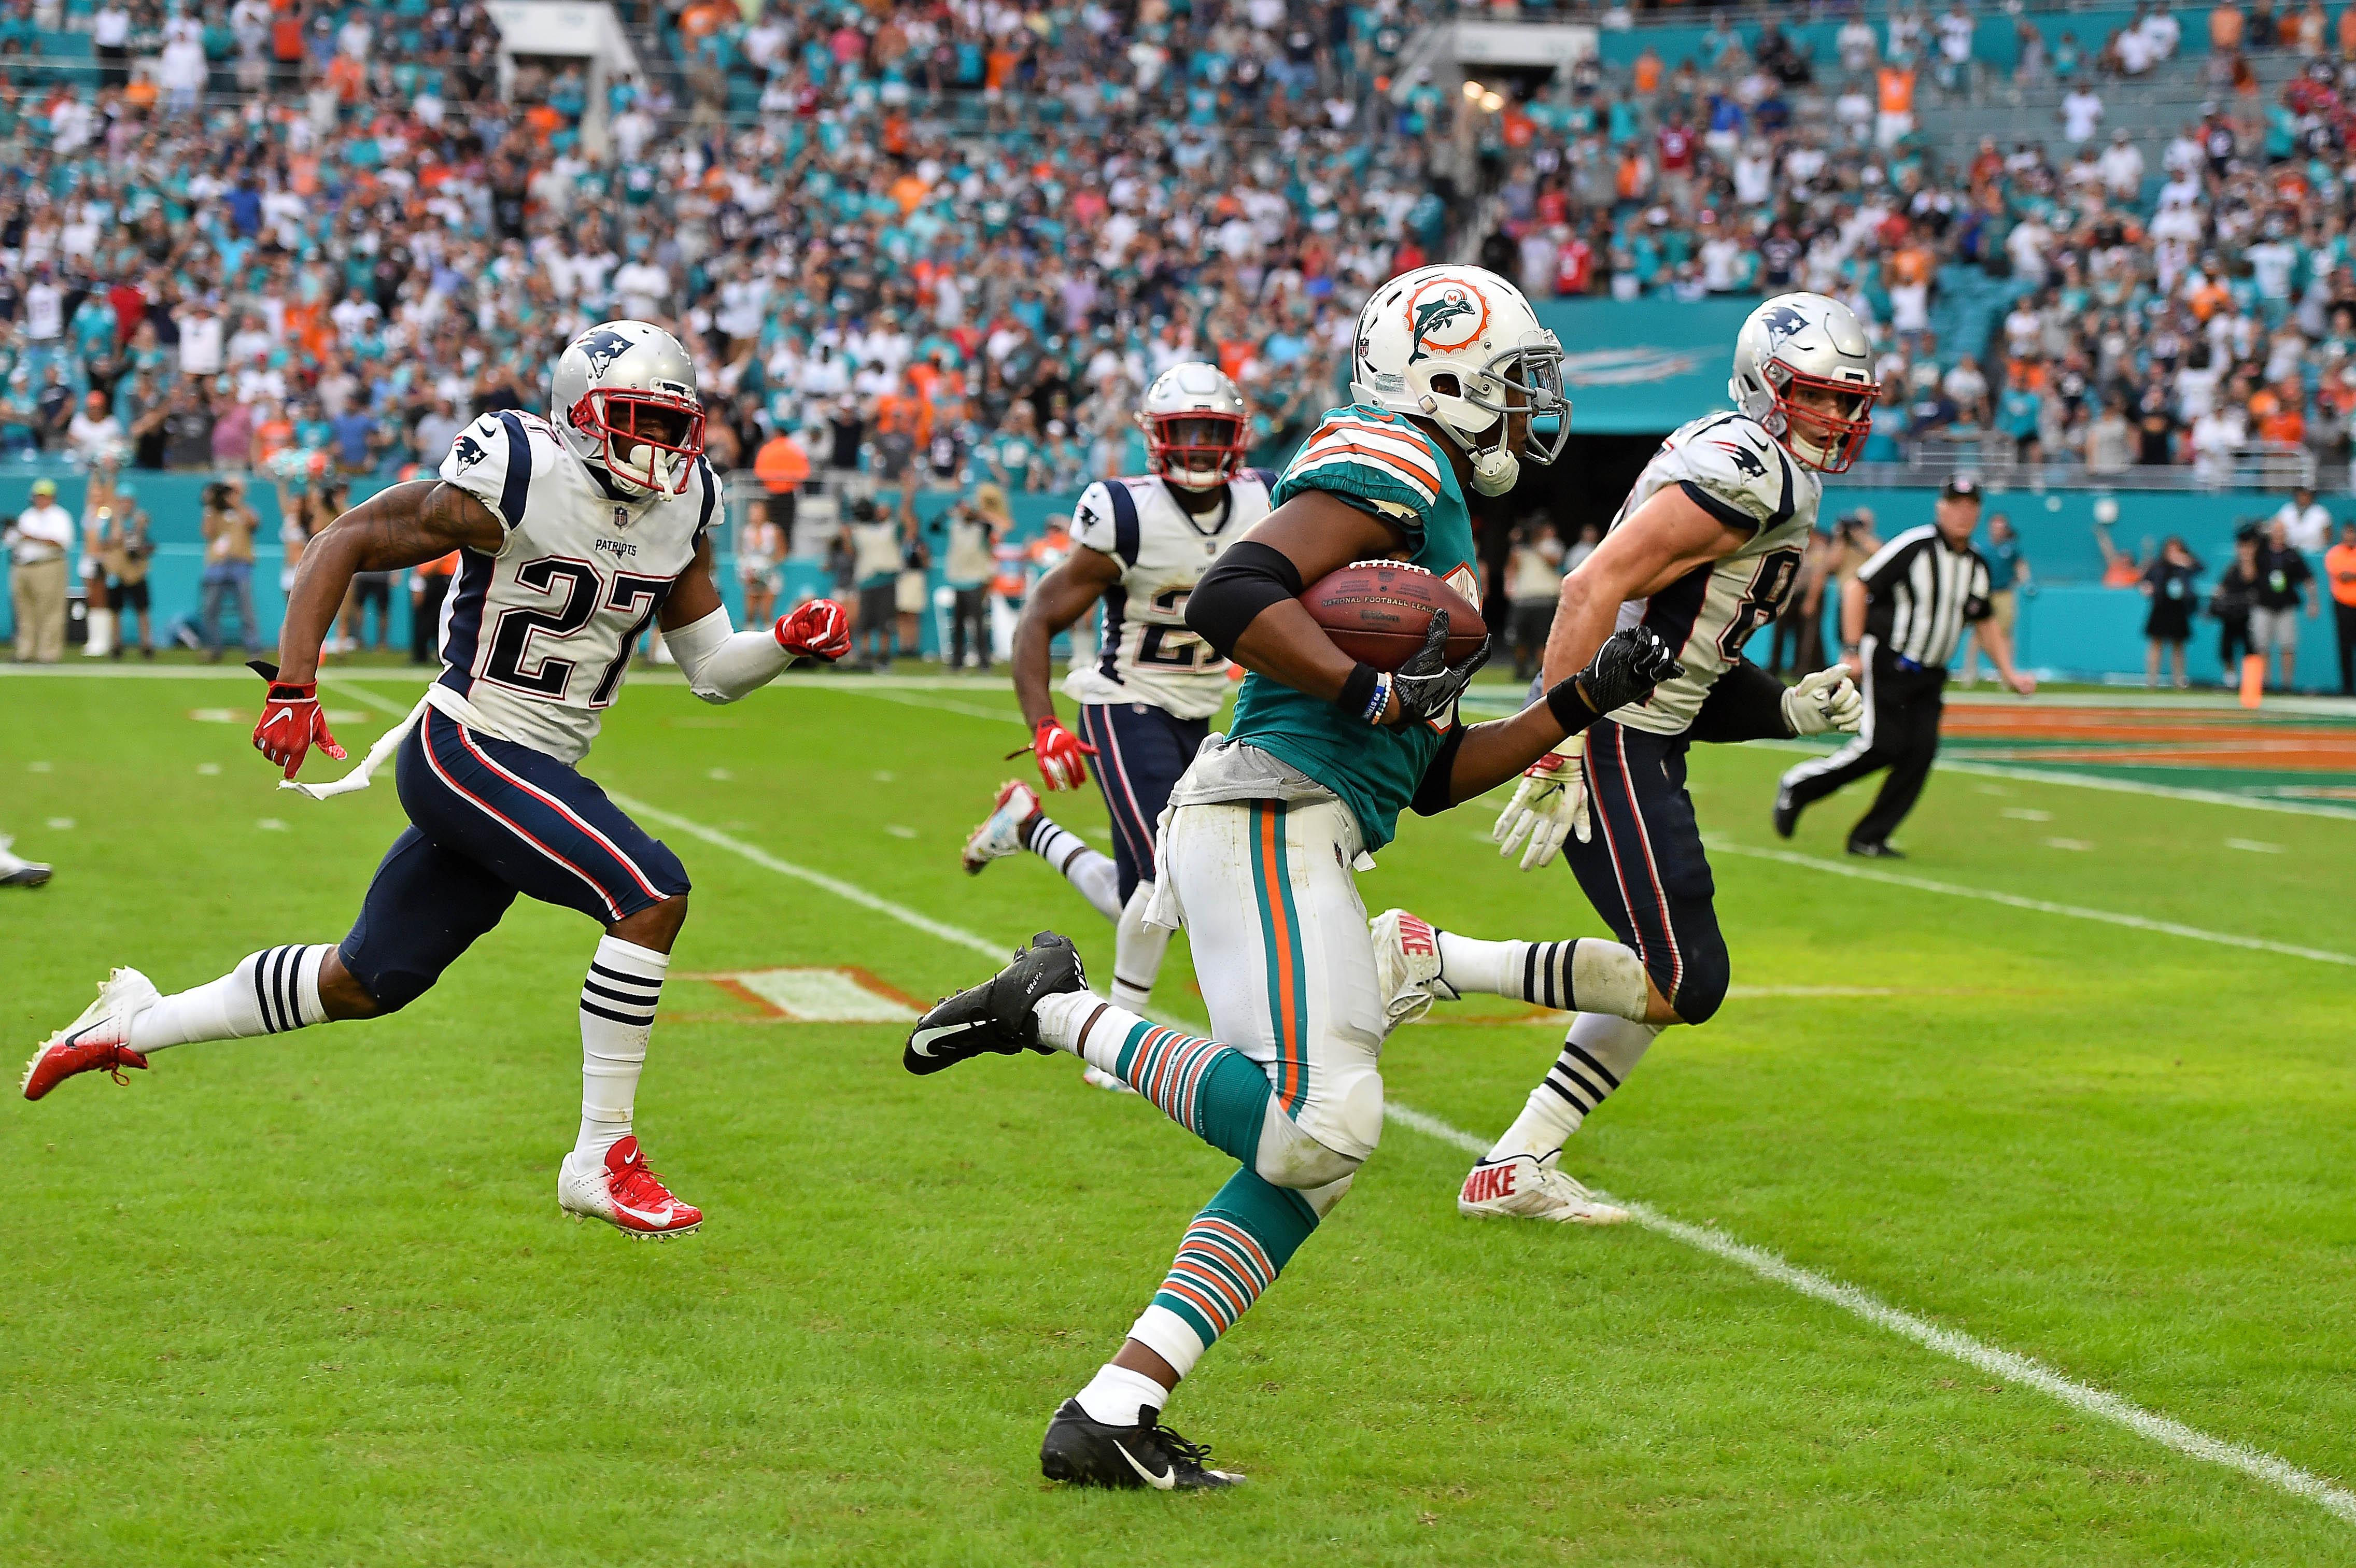 Nfl Week 14 Plays Of The Week Nfl Analysis Pro Football Focus